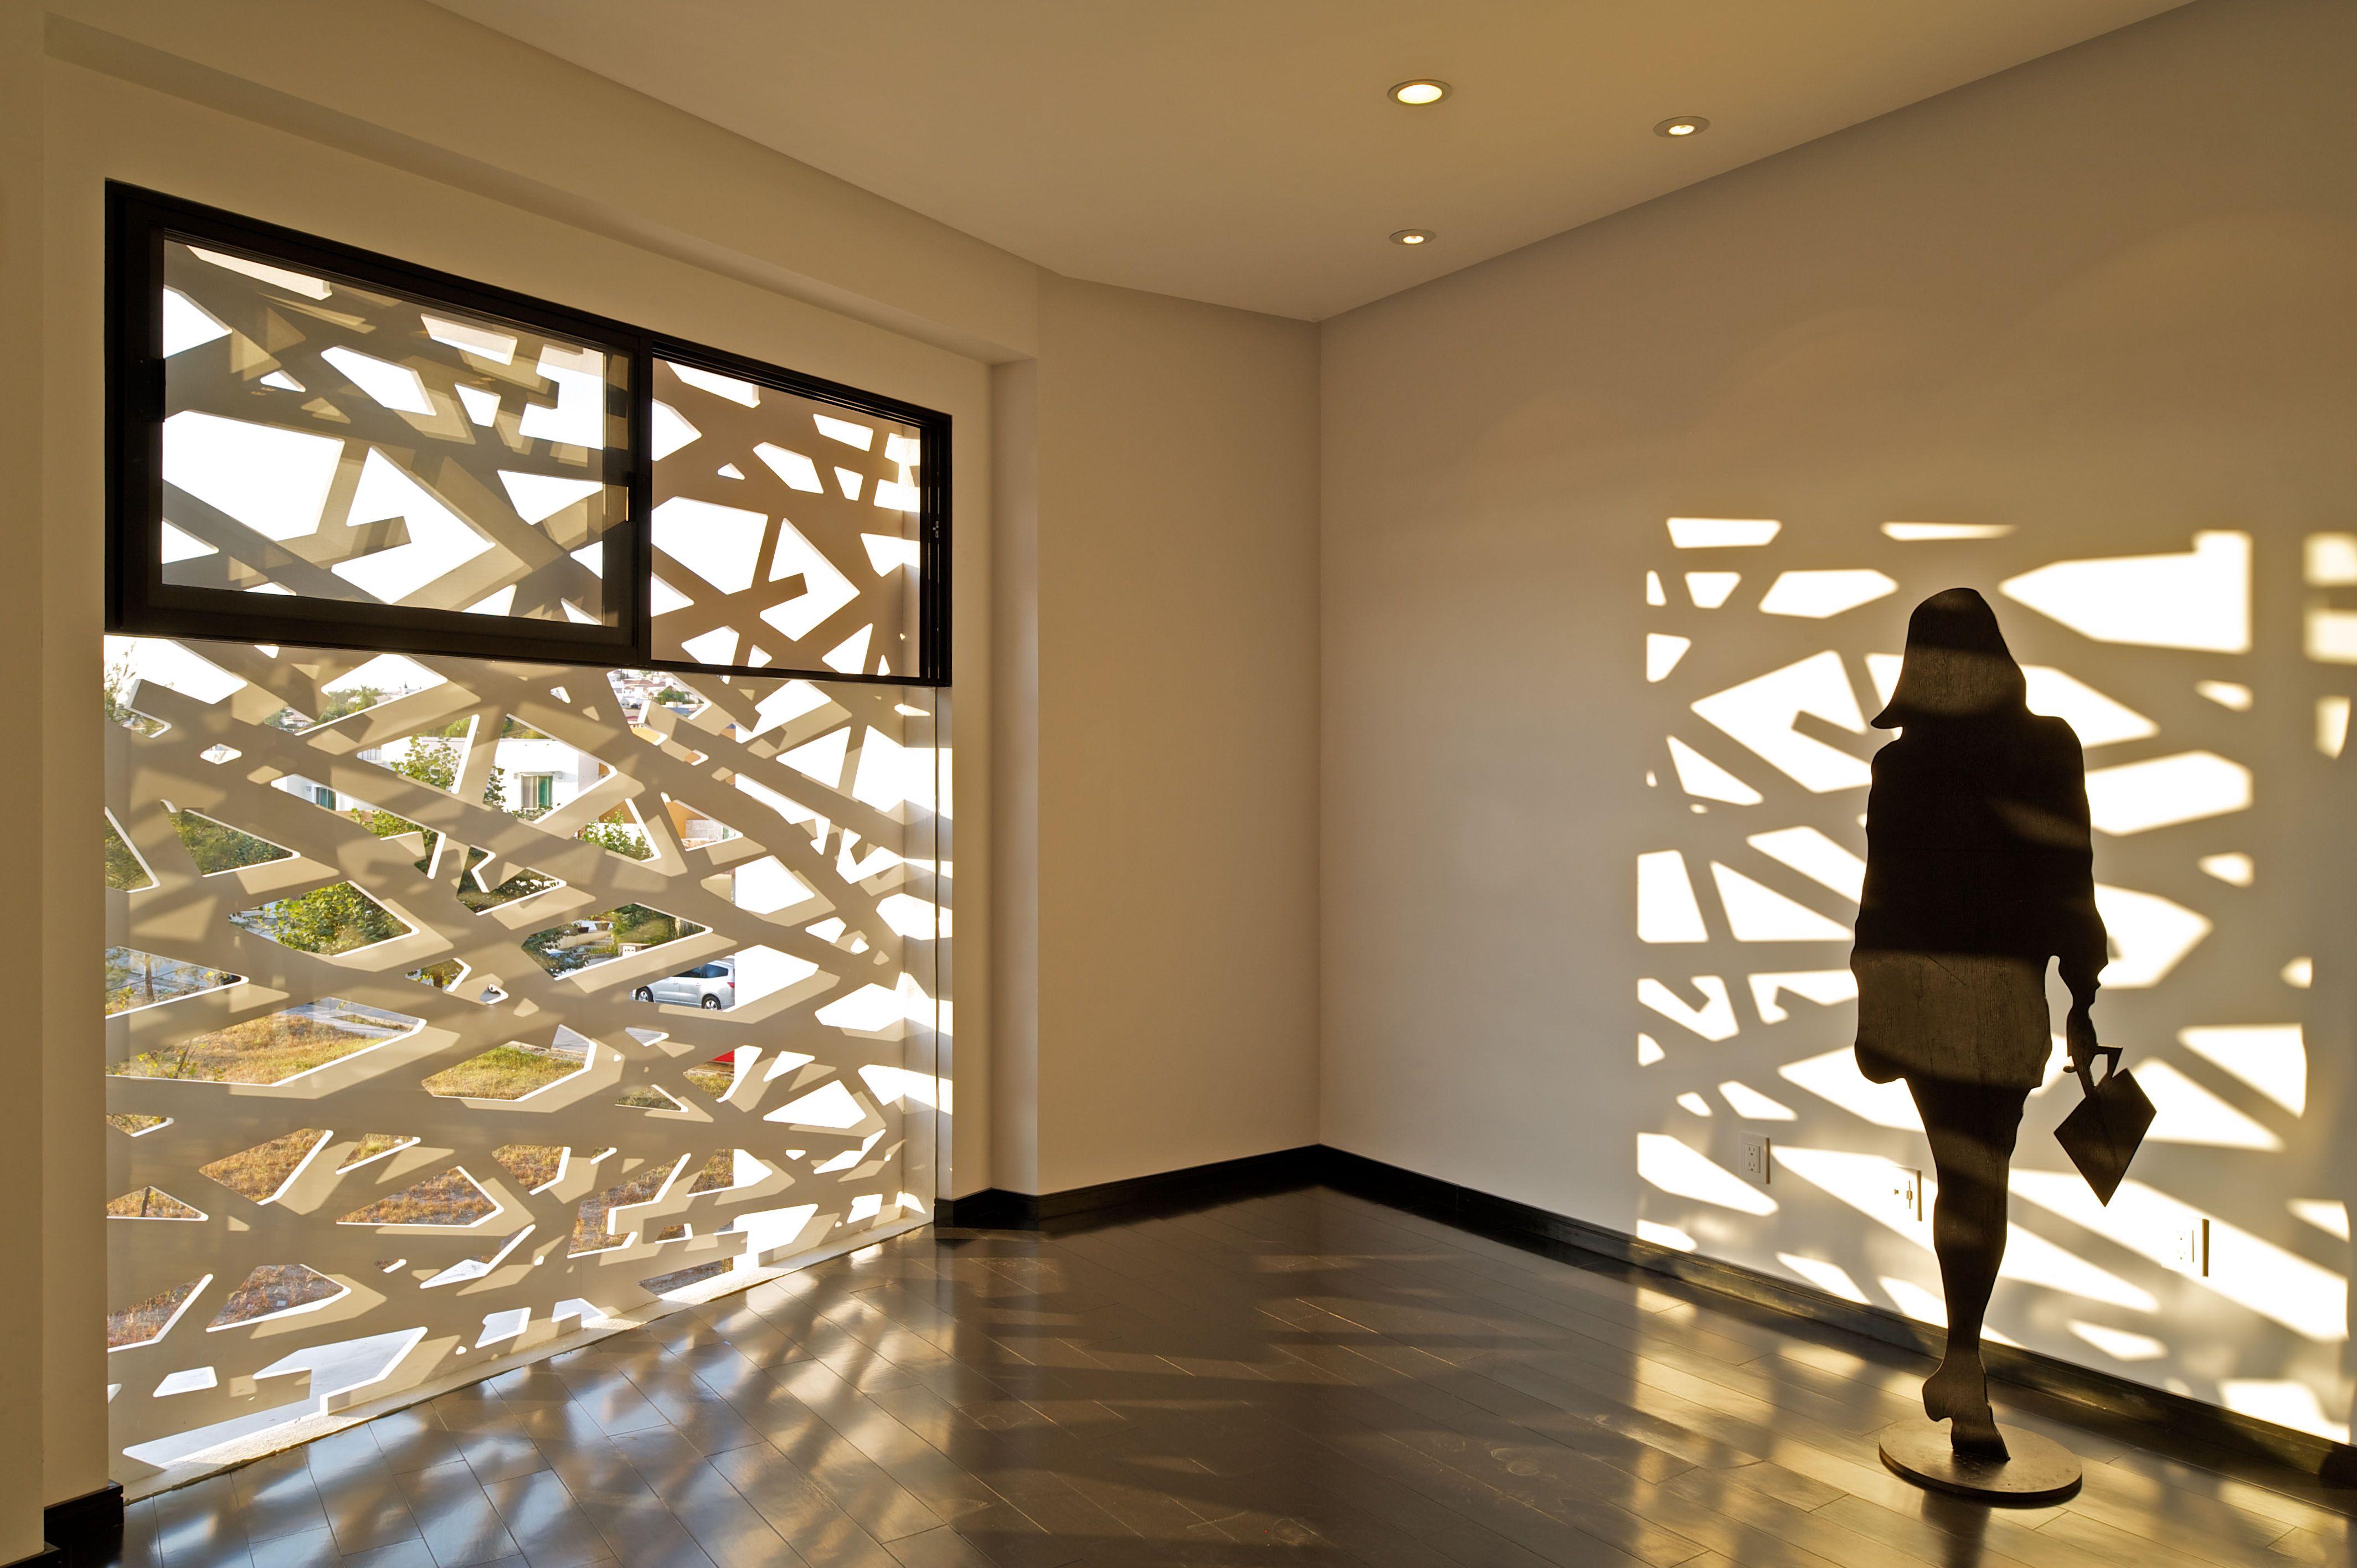 Las tecnolog as de iluminaci n utilizadas en este proyecto - Plafones para techo ...